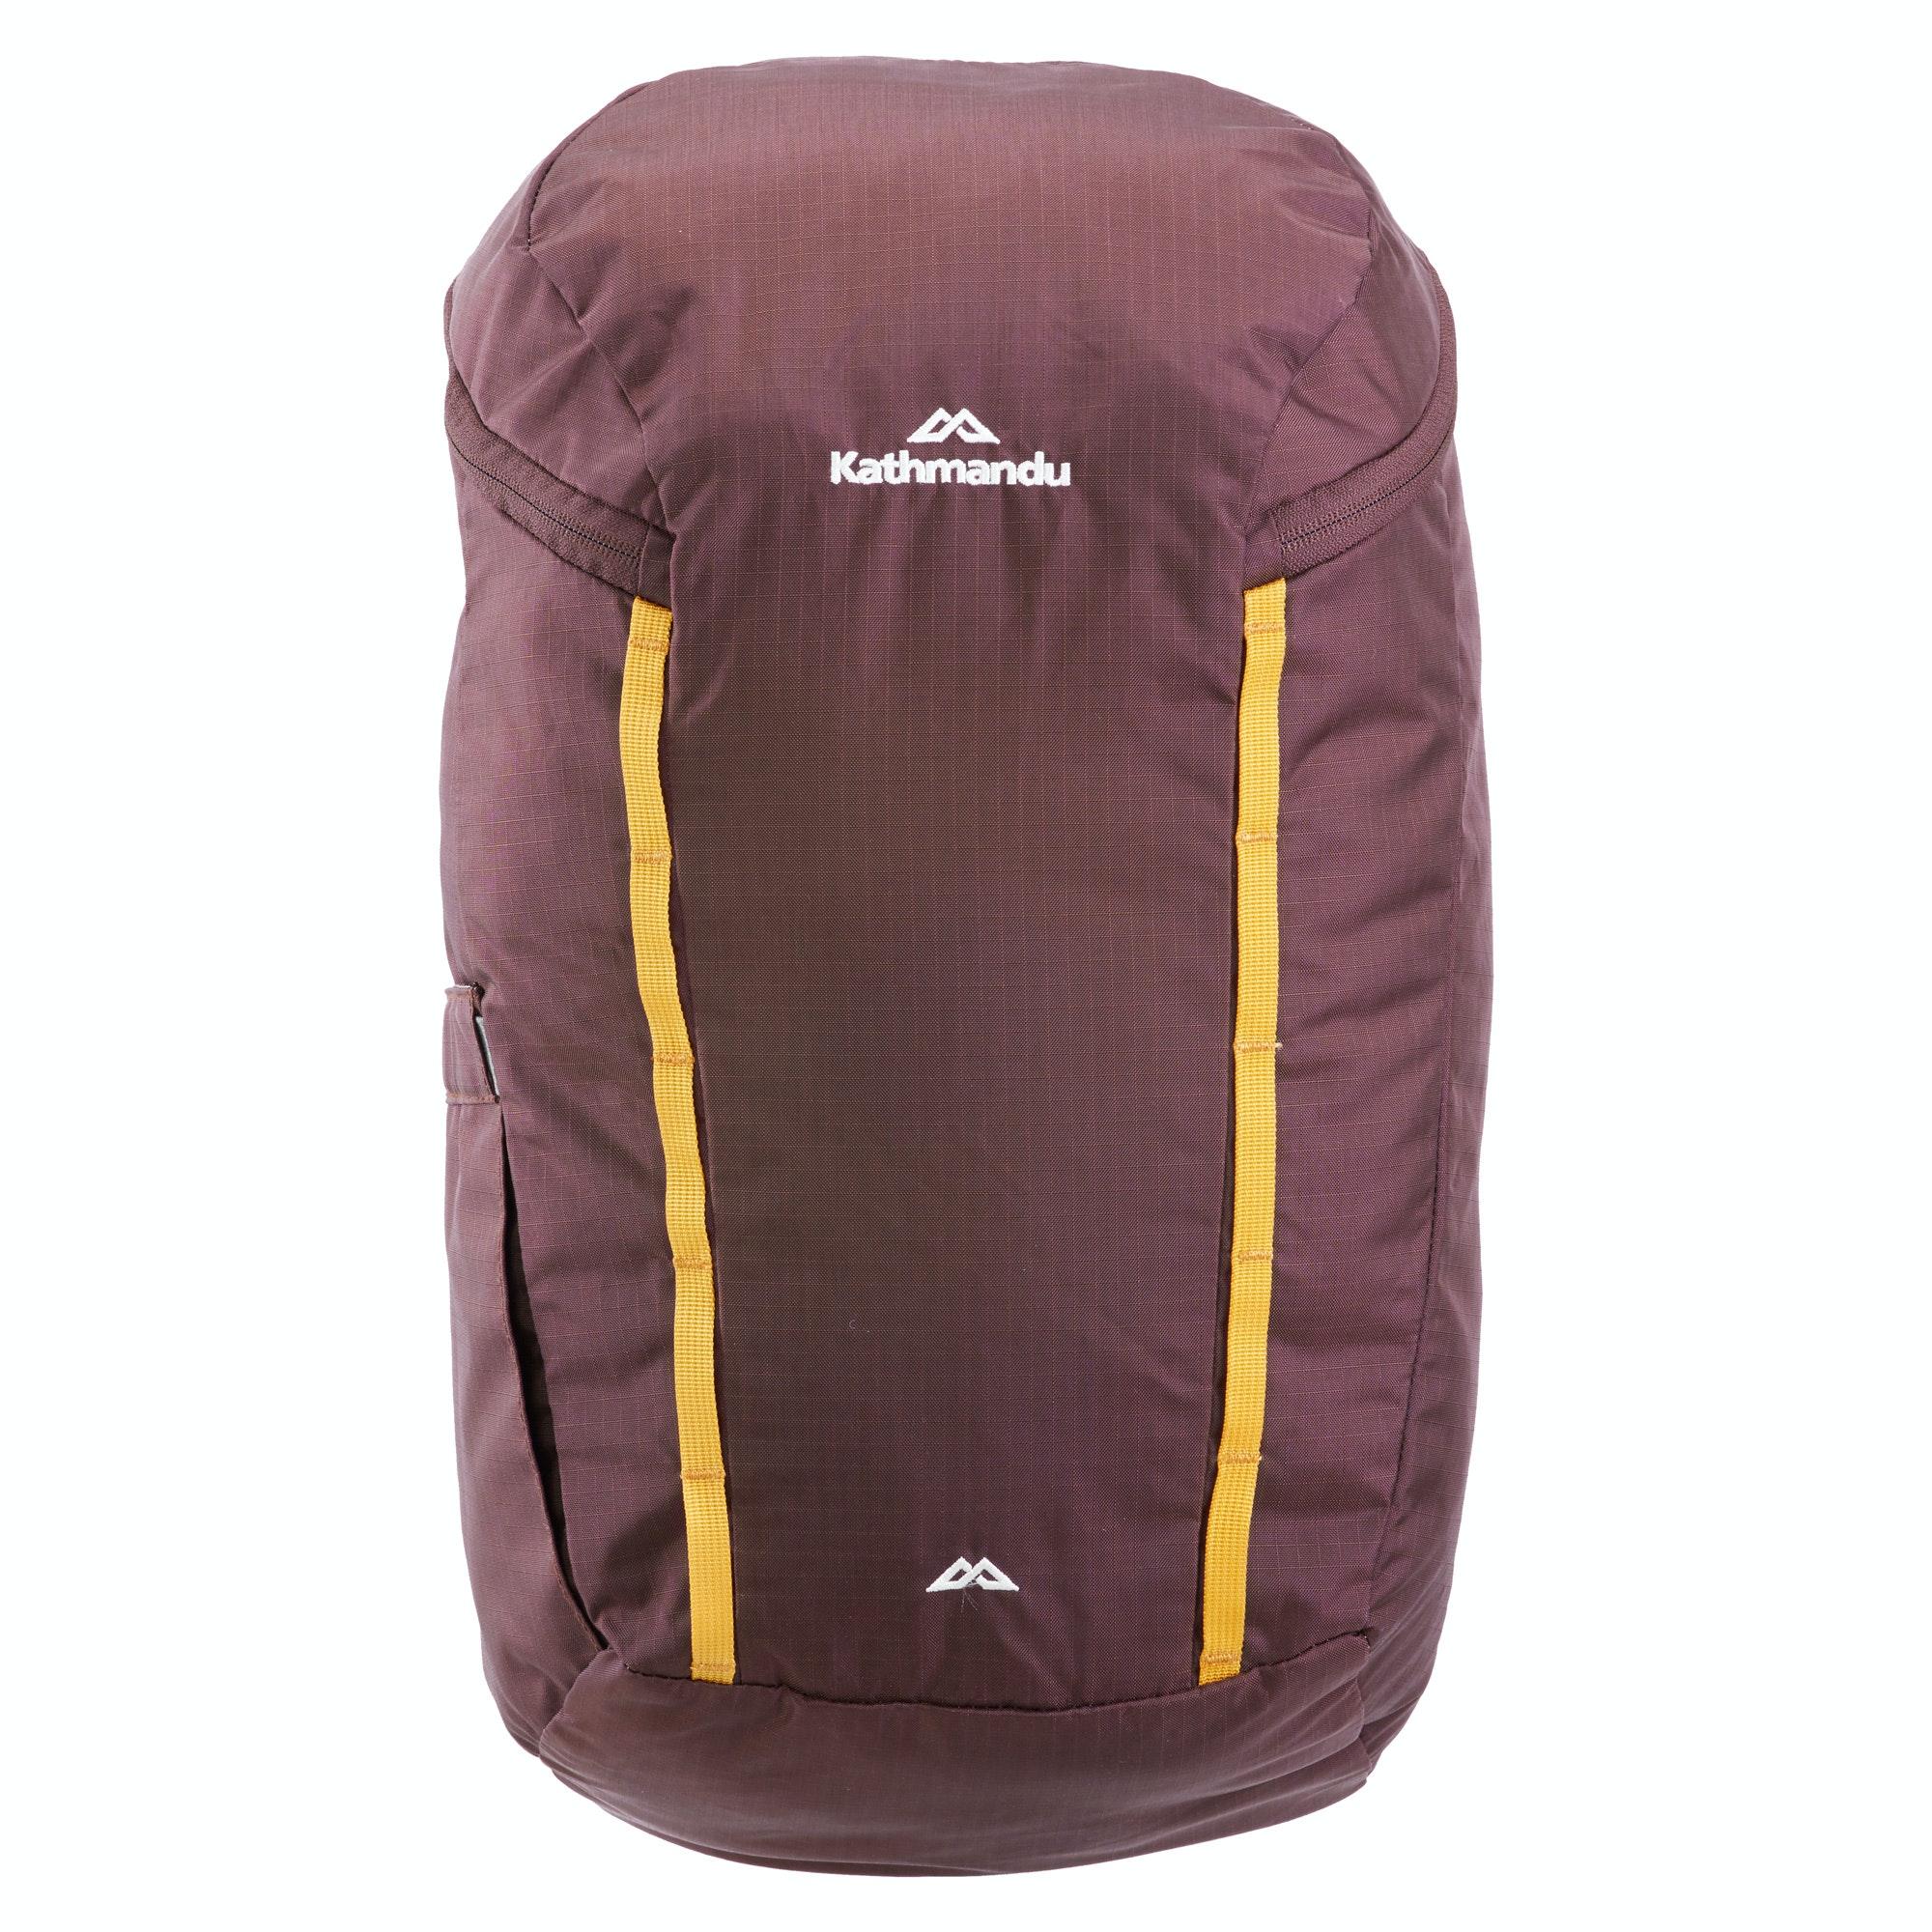 66f5defbcfa6 Details about NEW Kathmandu Dash Men s Women s 20L Backpack School Bag  Rucksack Day Pack v5